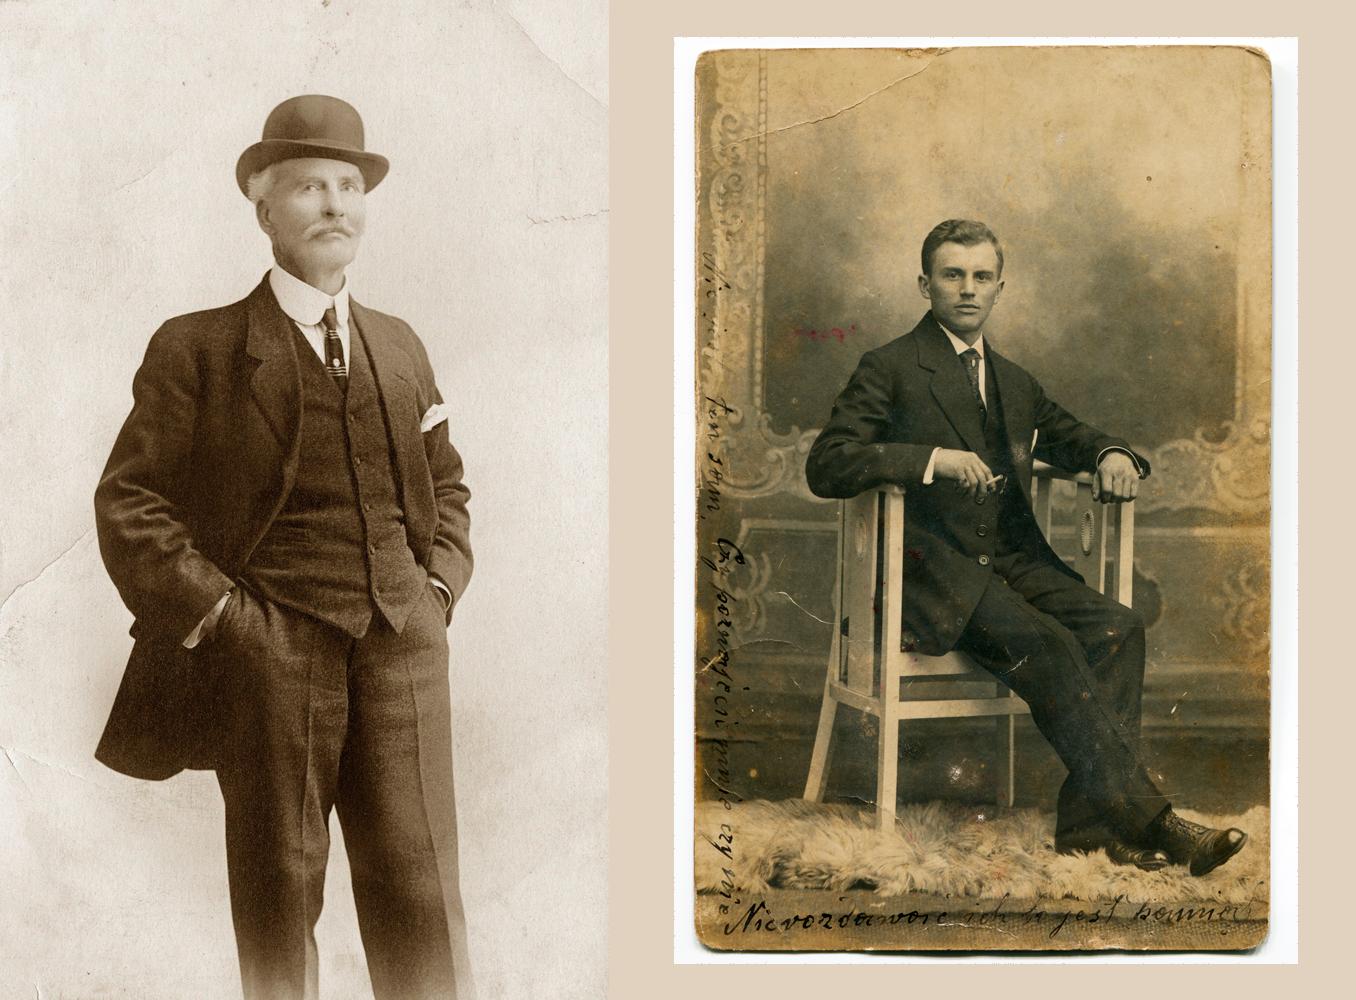 Homens com ternos antigos pretos e chapéus